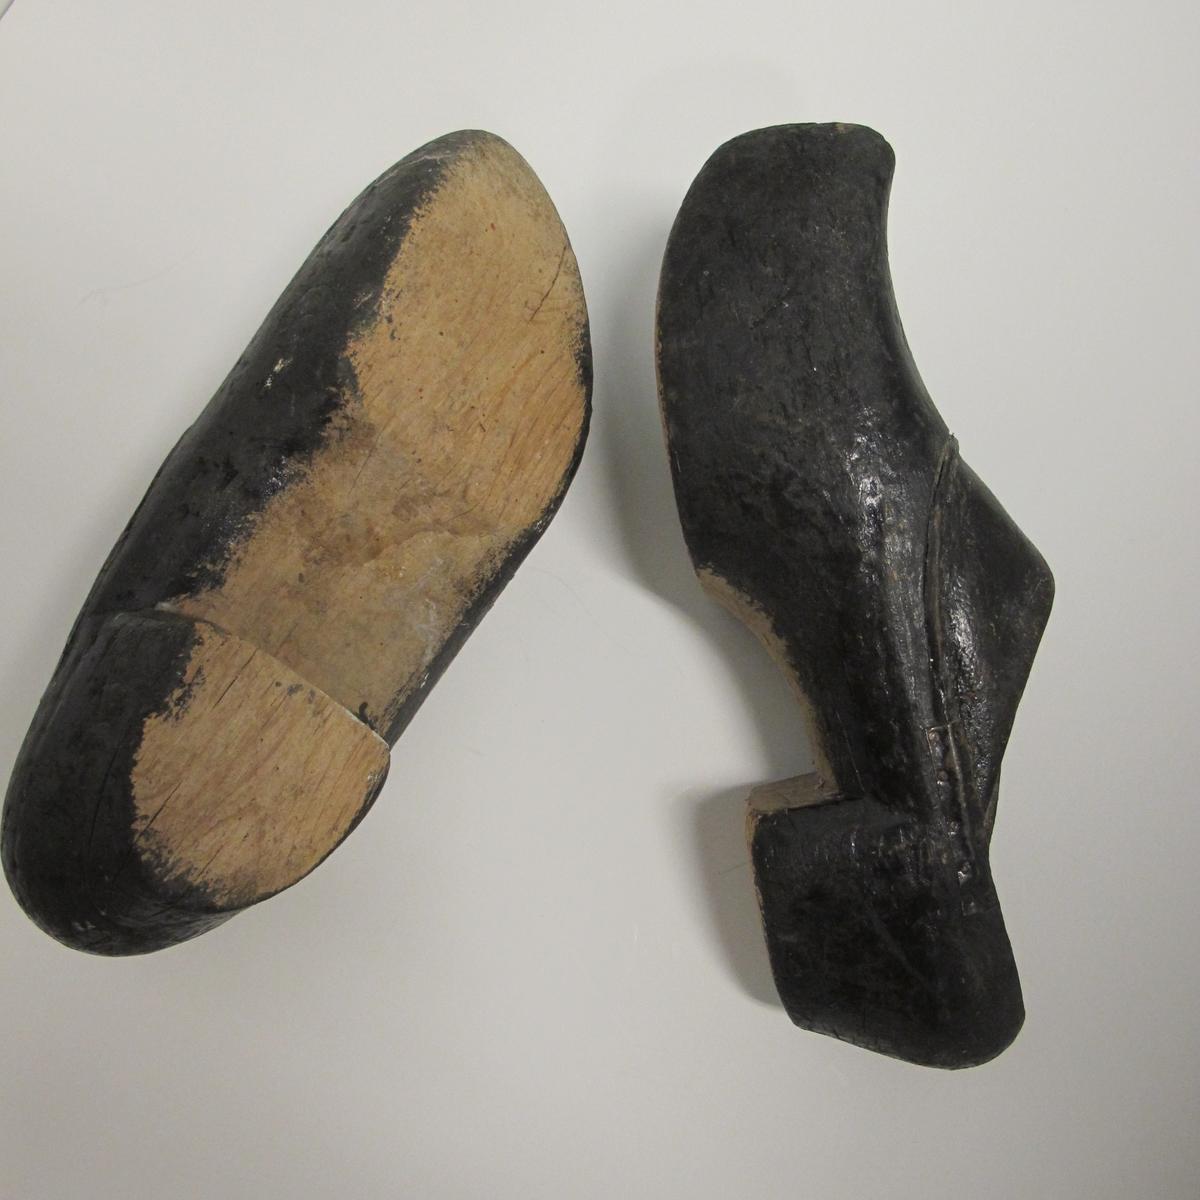 Skoene er sorte, med tre i bunn og i deler av kappen, der tuppen gå opp i en spiss foran. Den har noen innrissninger som ikke er tydet. Bare stykket nærmest vristen er av lær.